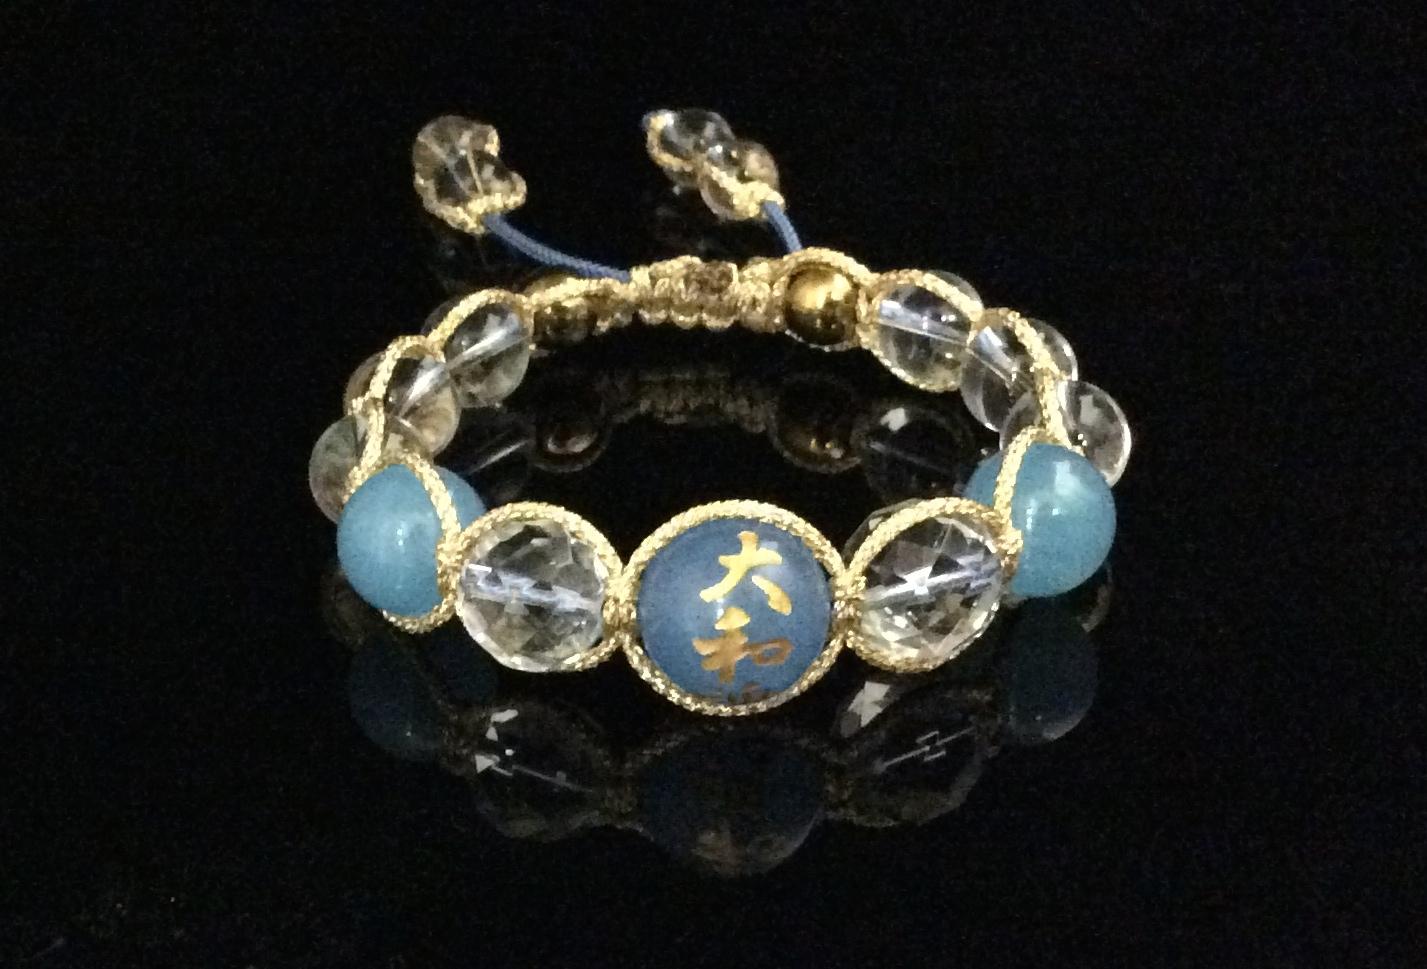 Yamatodamashii Bracelets